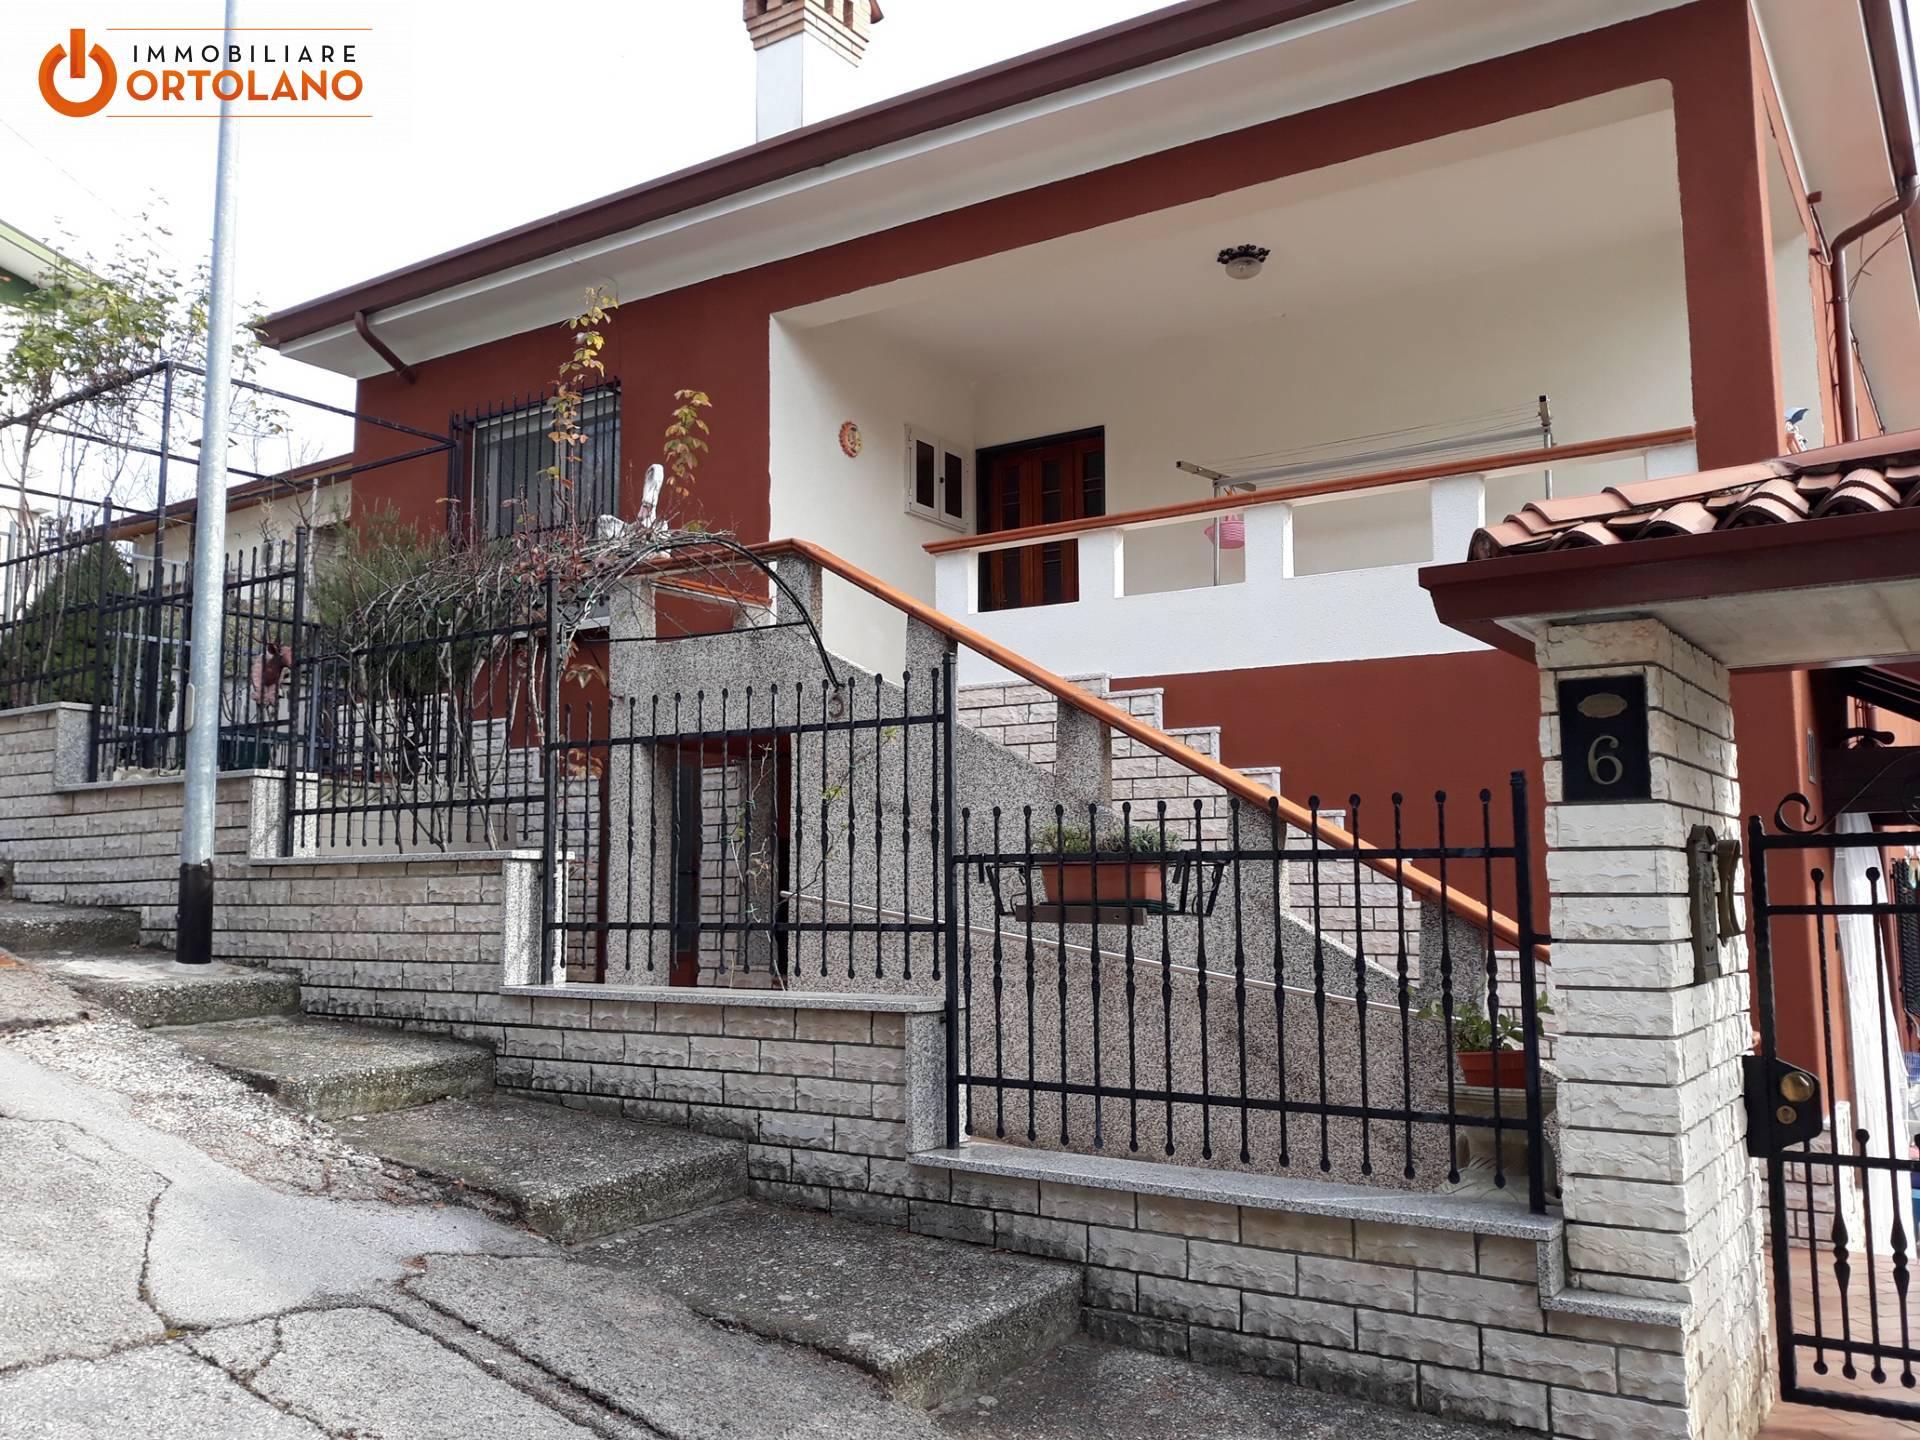 monfalcone vendita quart: rocca immobiliare ortolano